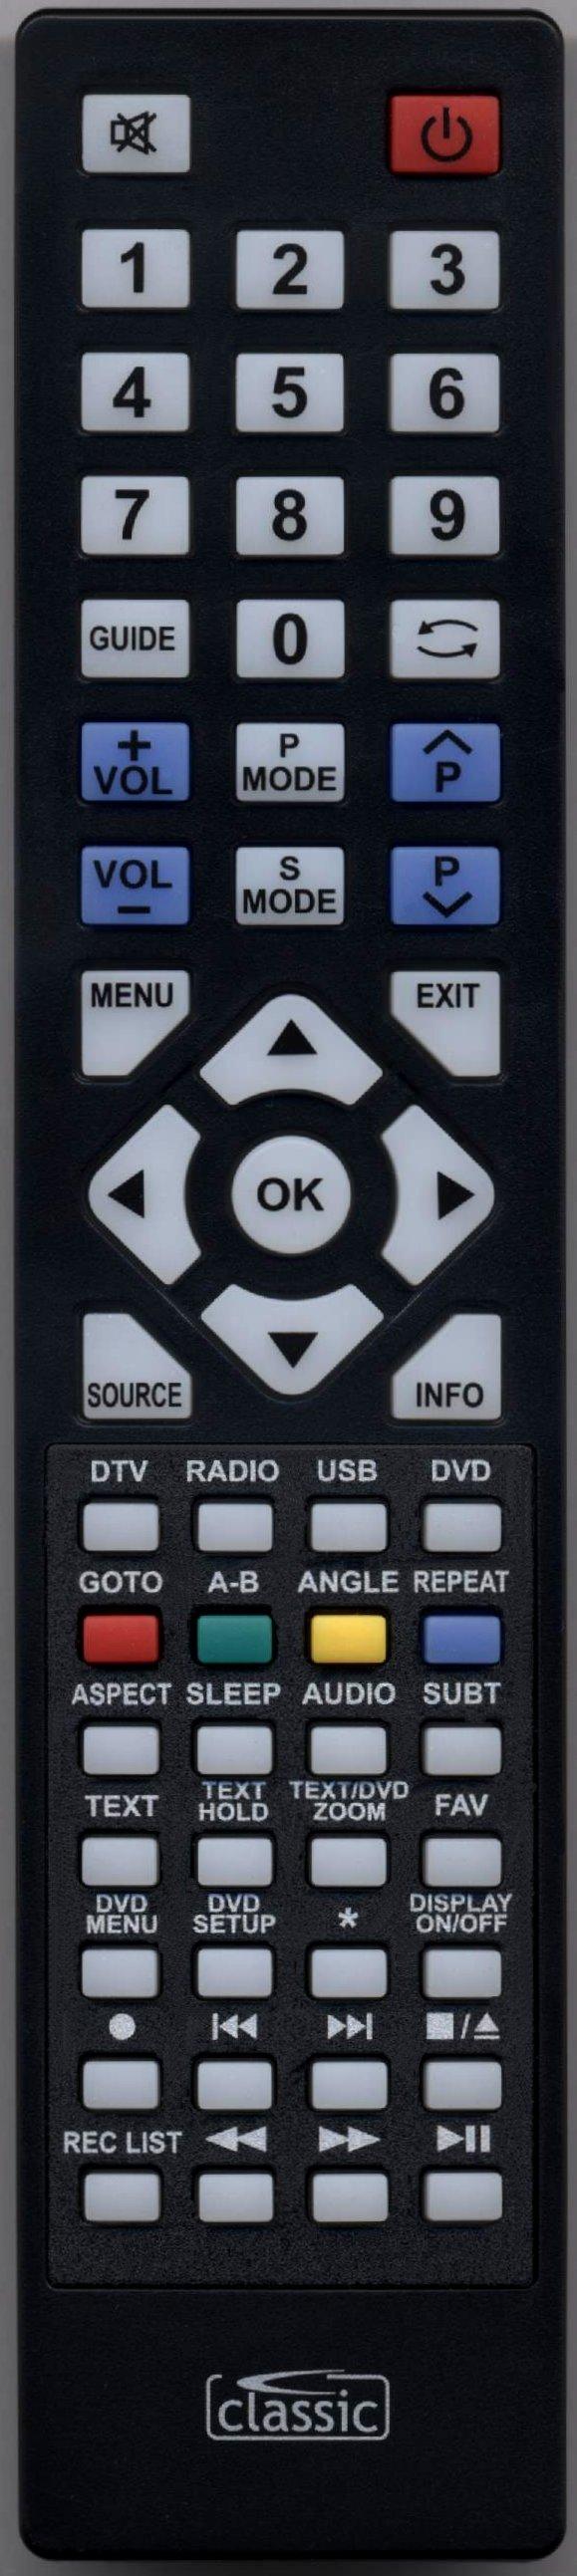 BLAUPUNKT 43/134O-GB-11B-FEGP Remote Control